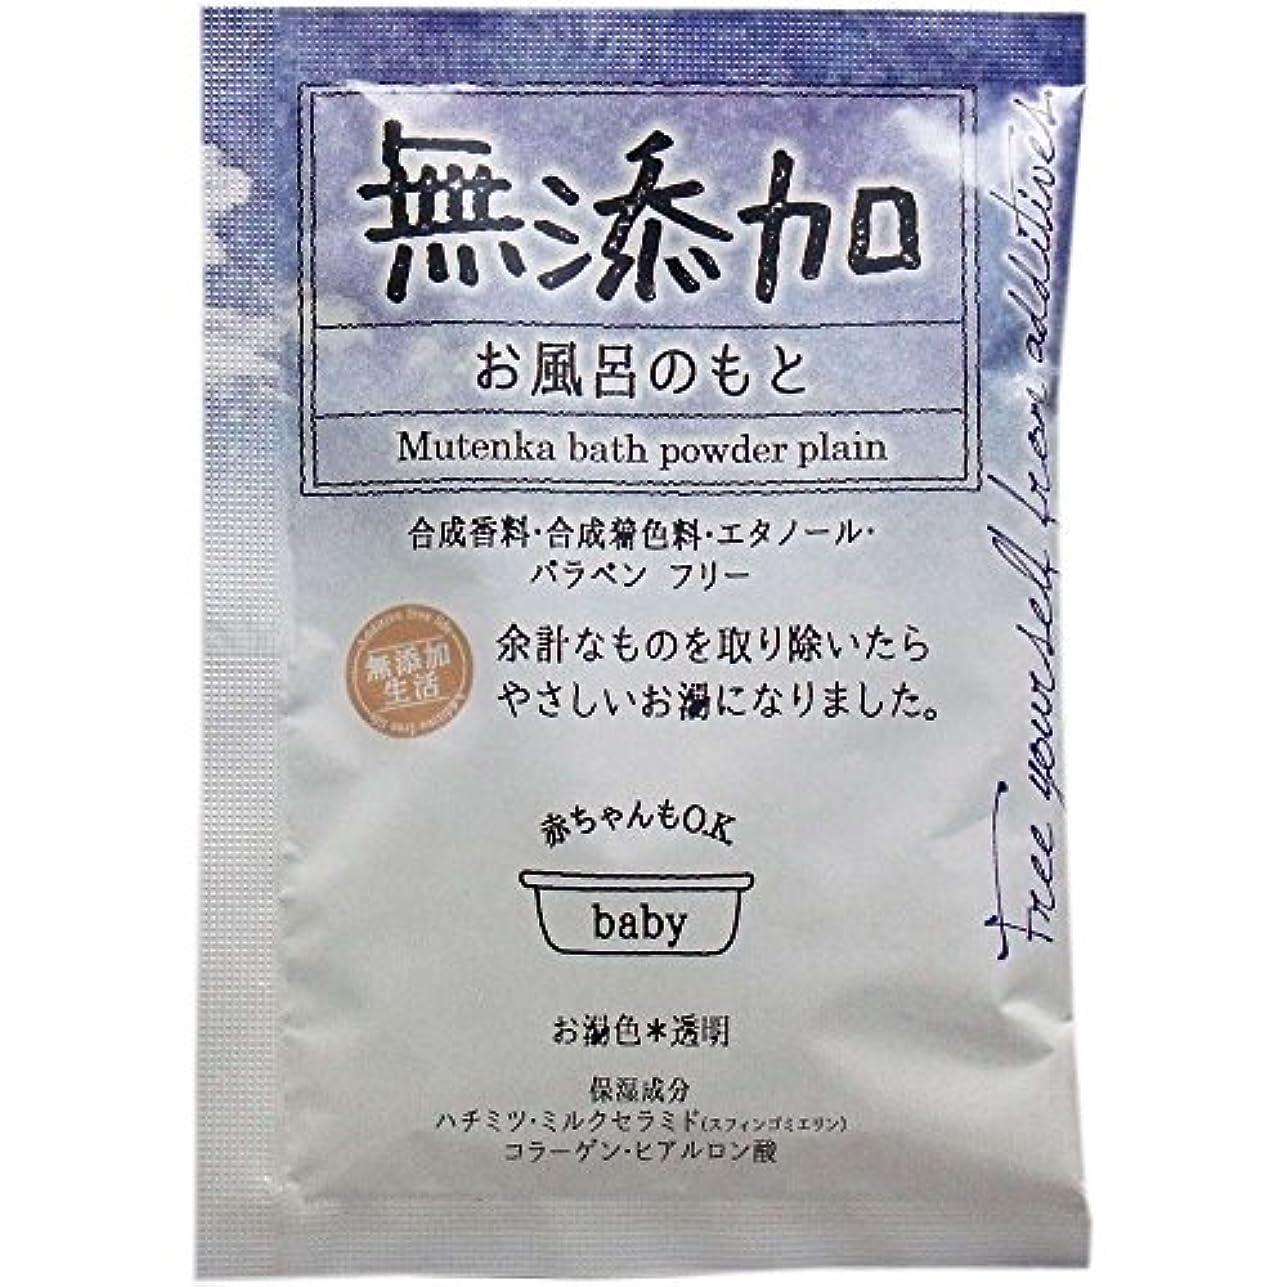 ライン主相談【入浴剤】 無添加 お風呂のもと バスパウダー プレーン 30g